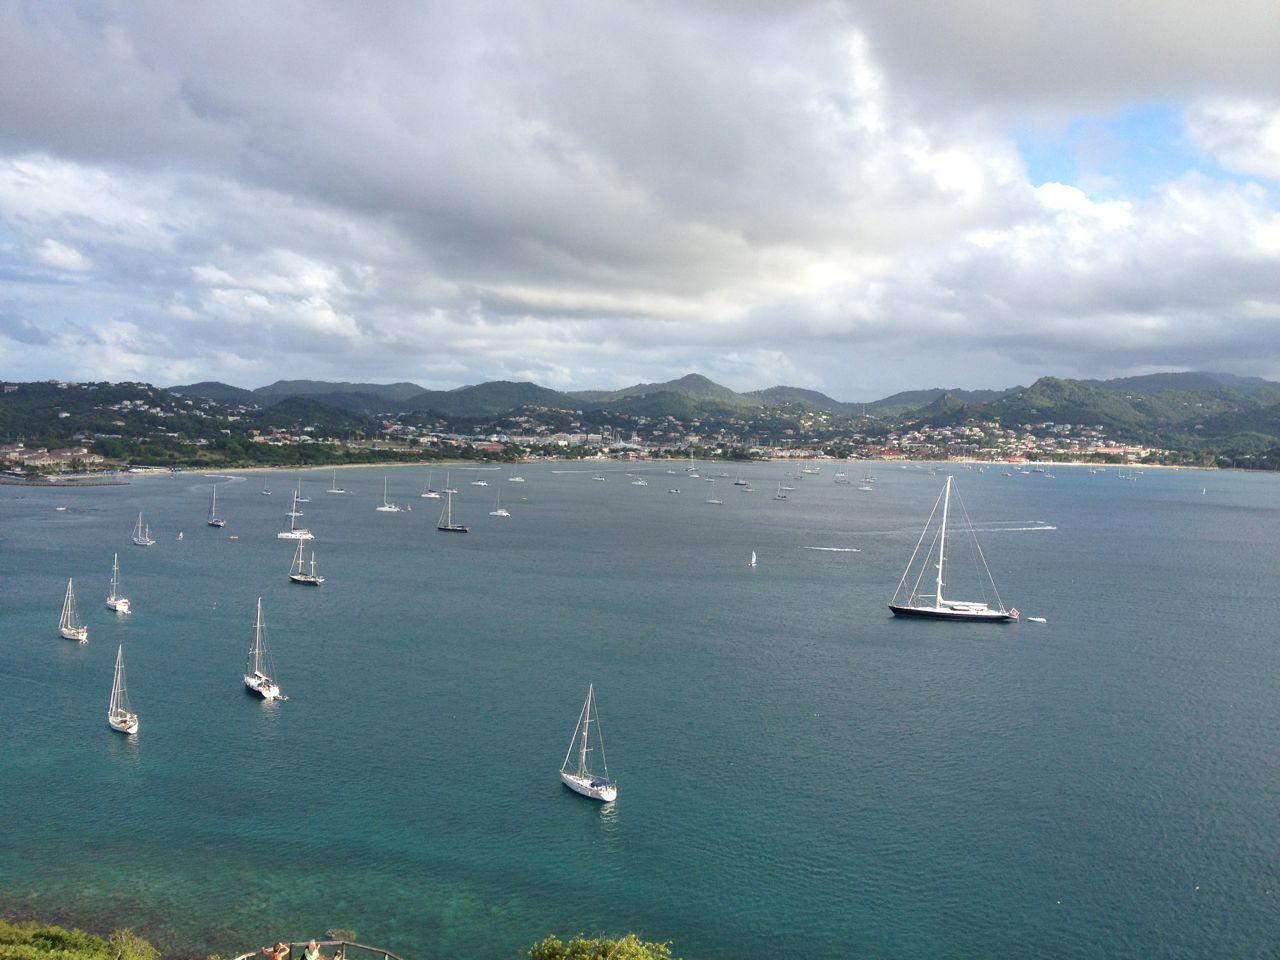 Die hapa na sasa in der Rodney Bay St. Lucia